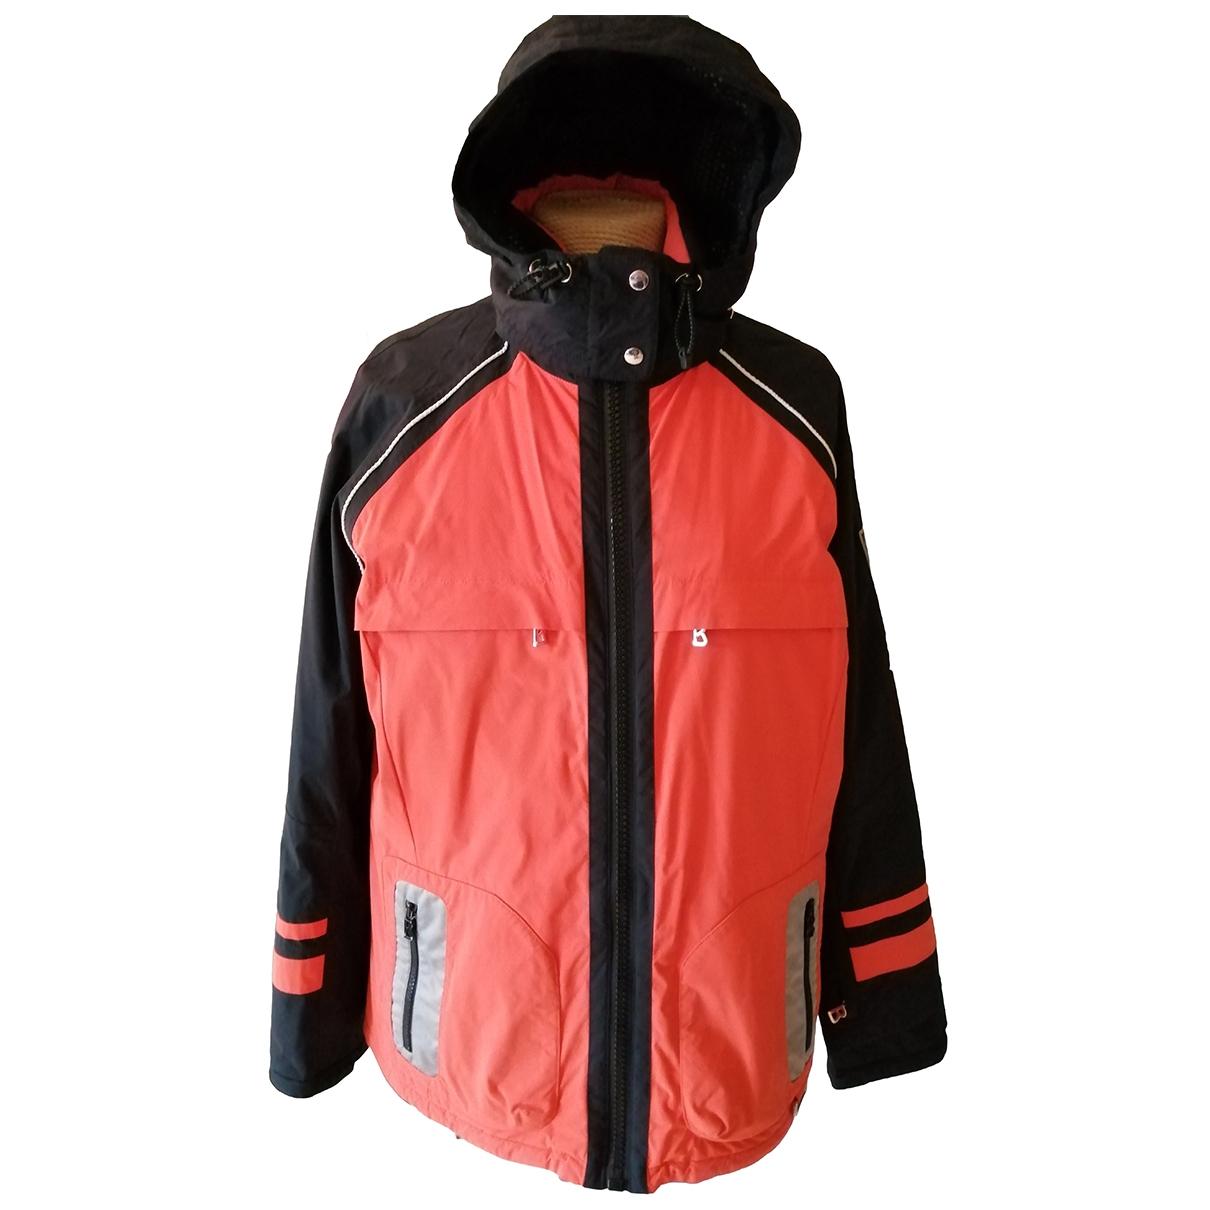 Bogner \N Orange jacket  for Men 46 IT